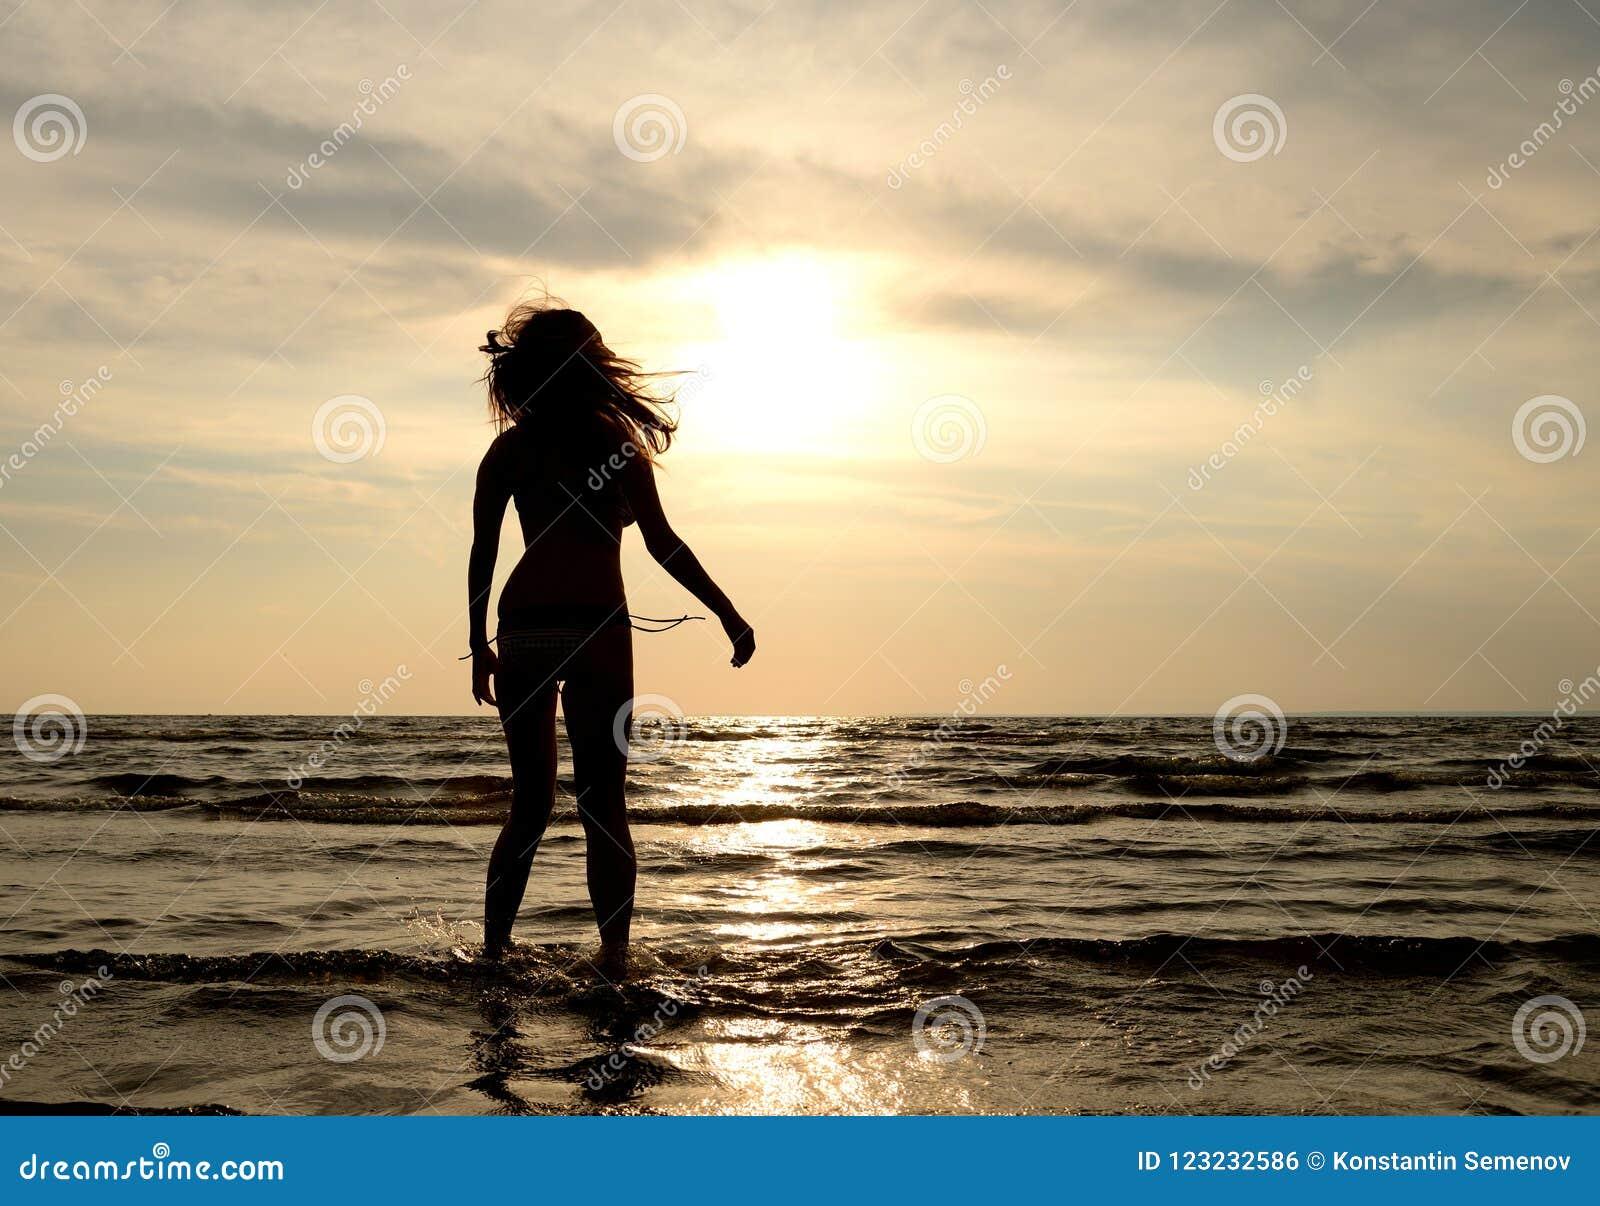 Silueta De Una Mujer Joven En El Mar En La Puesta Del Sol